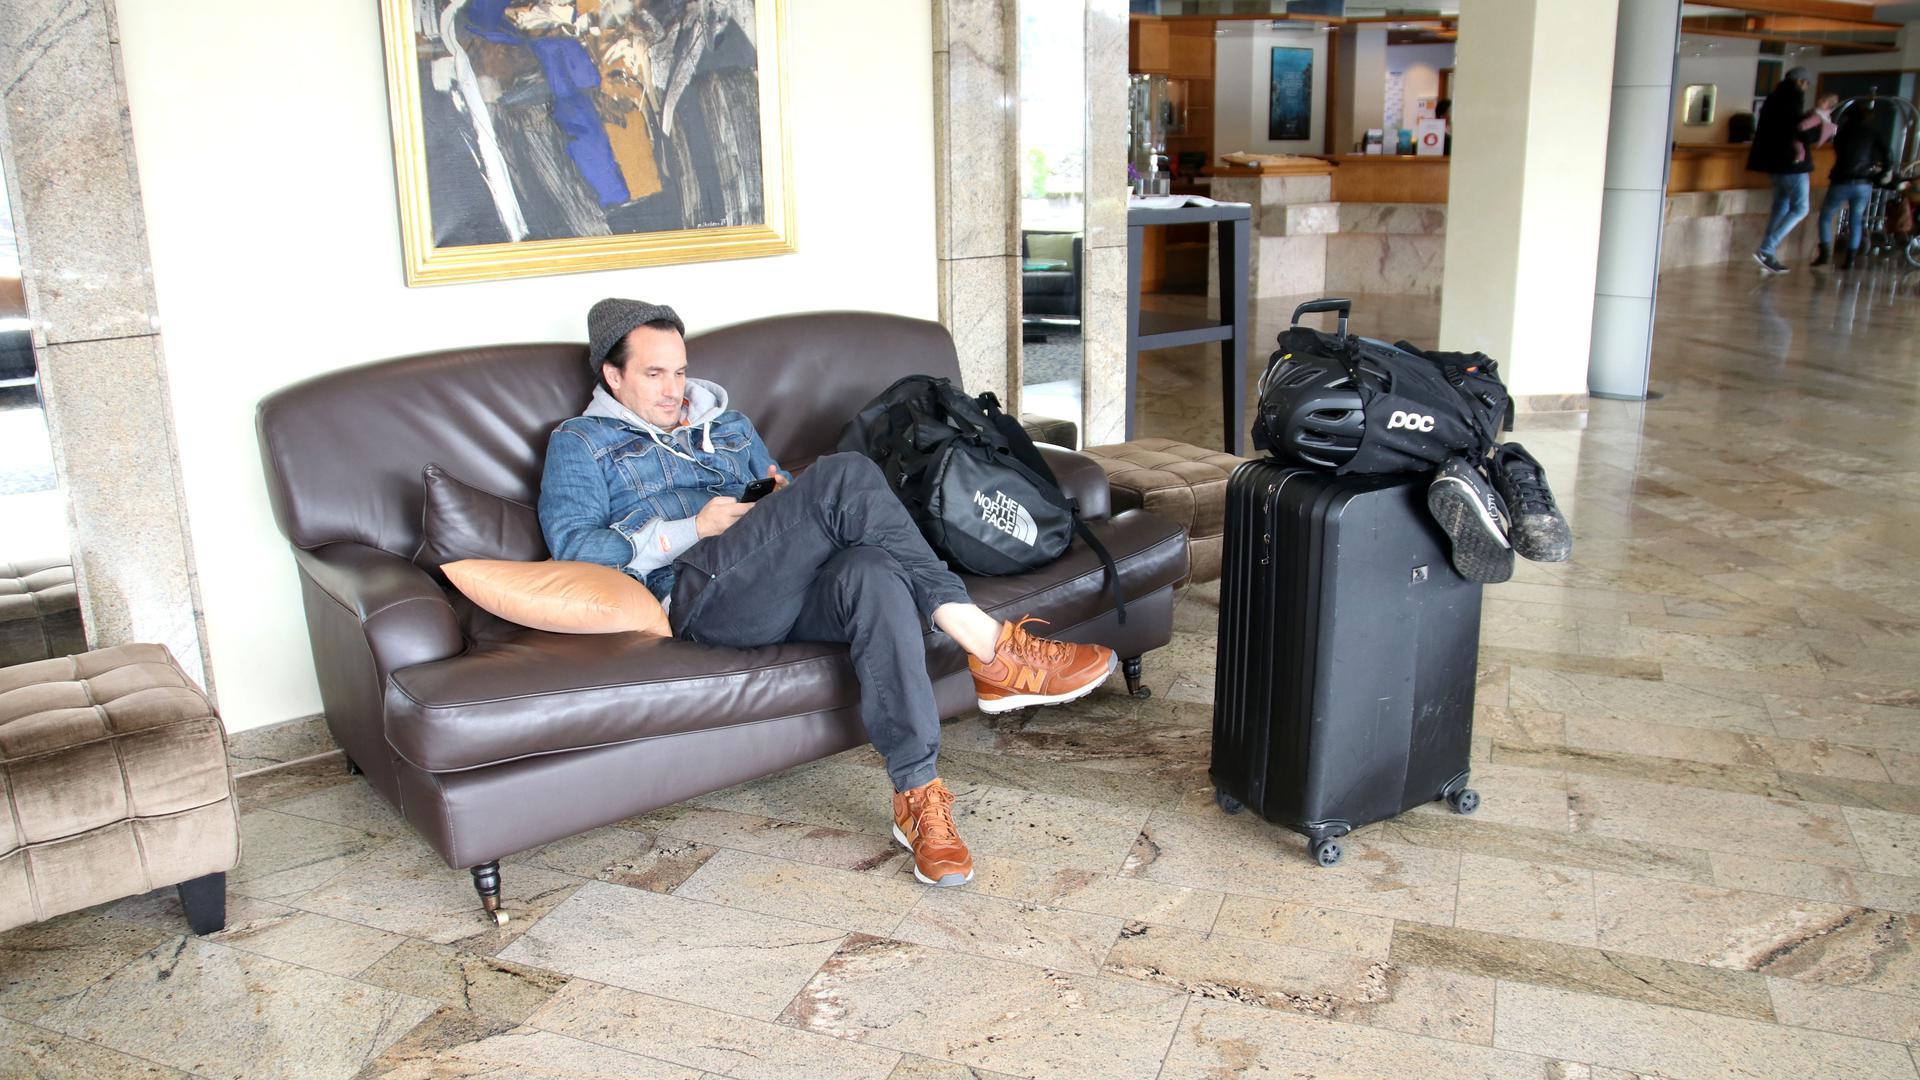 Auf gepackten Koffern: Nur noch wenig Gäste haben die Hotels in Baden. Die Häuser, wie hier das Parkhotel in Pforzheim, haben mit zahlreichen Stornierungen zu kämpfen. Zum Teil sind nur noch 20 Prozent der Betten belegt.